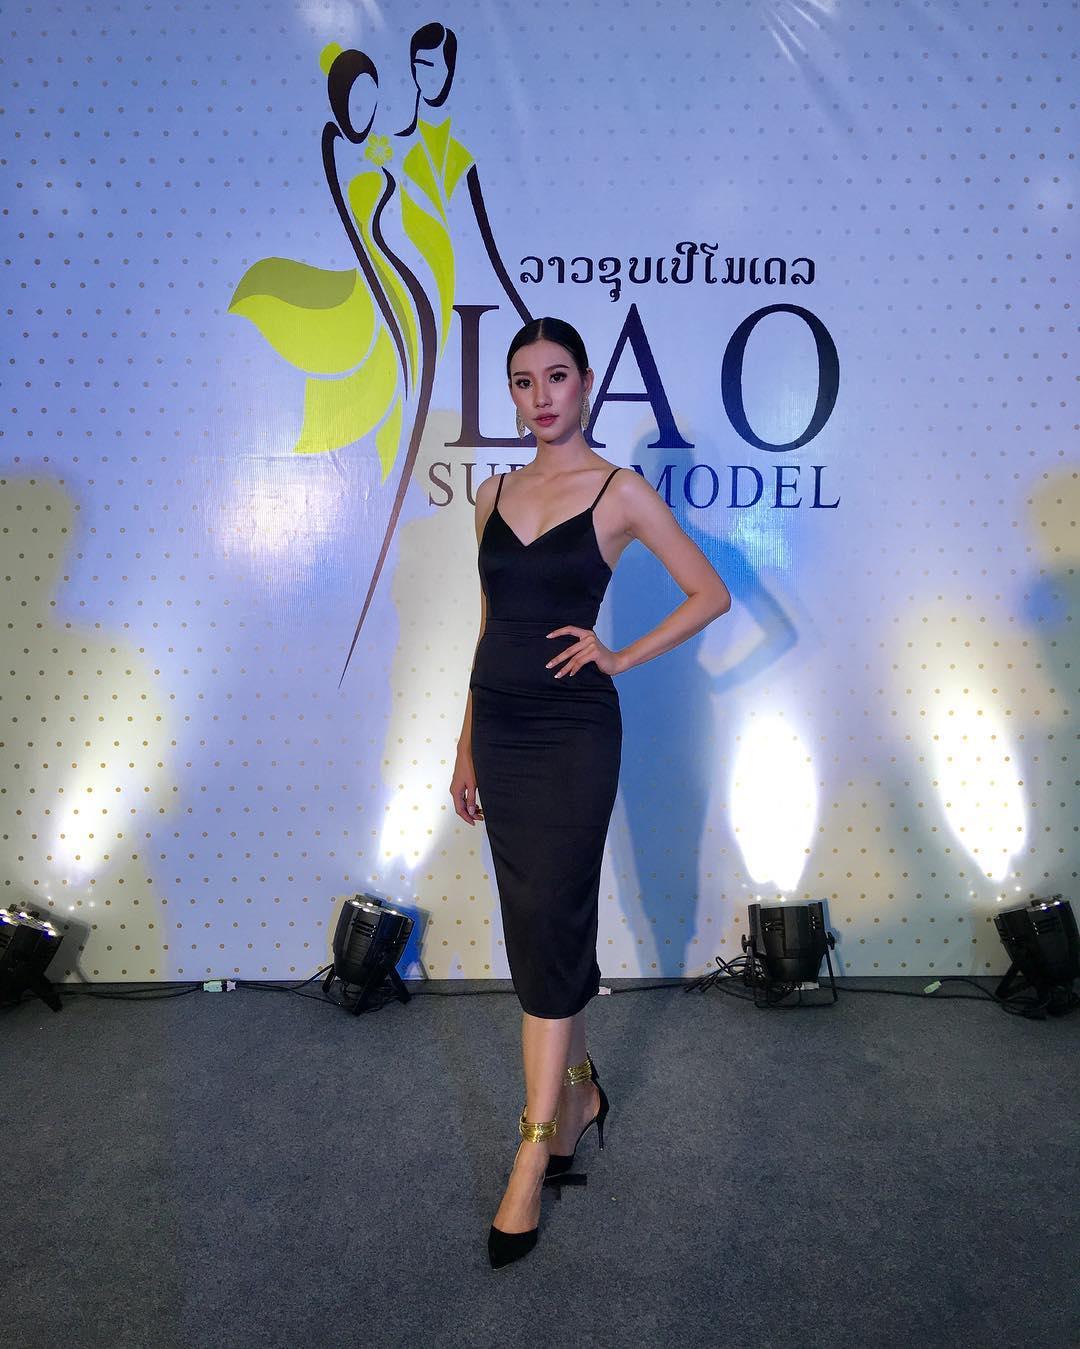 Ngỡ ngàng nhan sắc như tiên sa của tân Hoa hậu Hoàn vũ Lào - 9